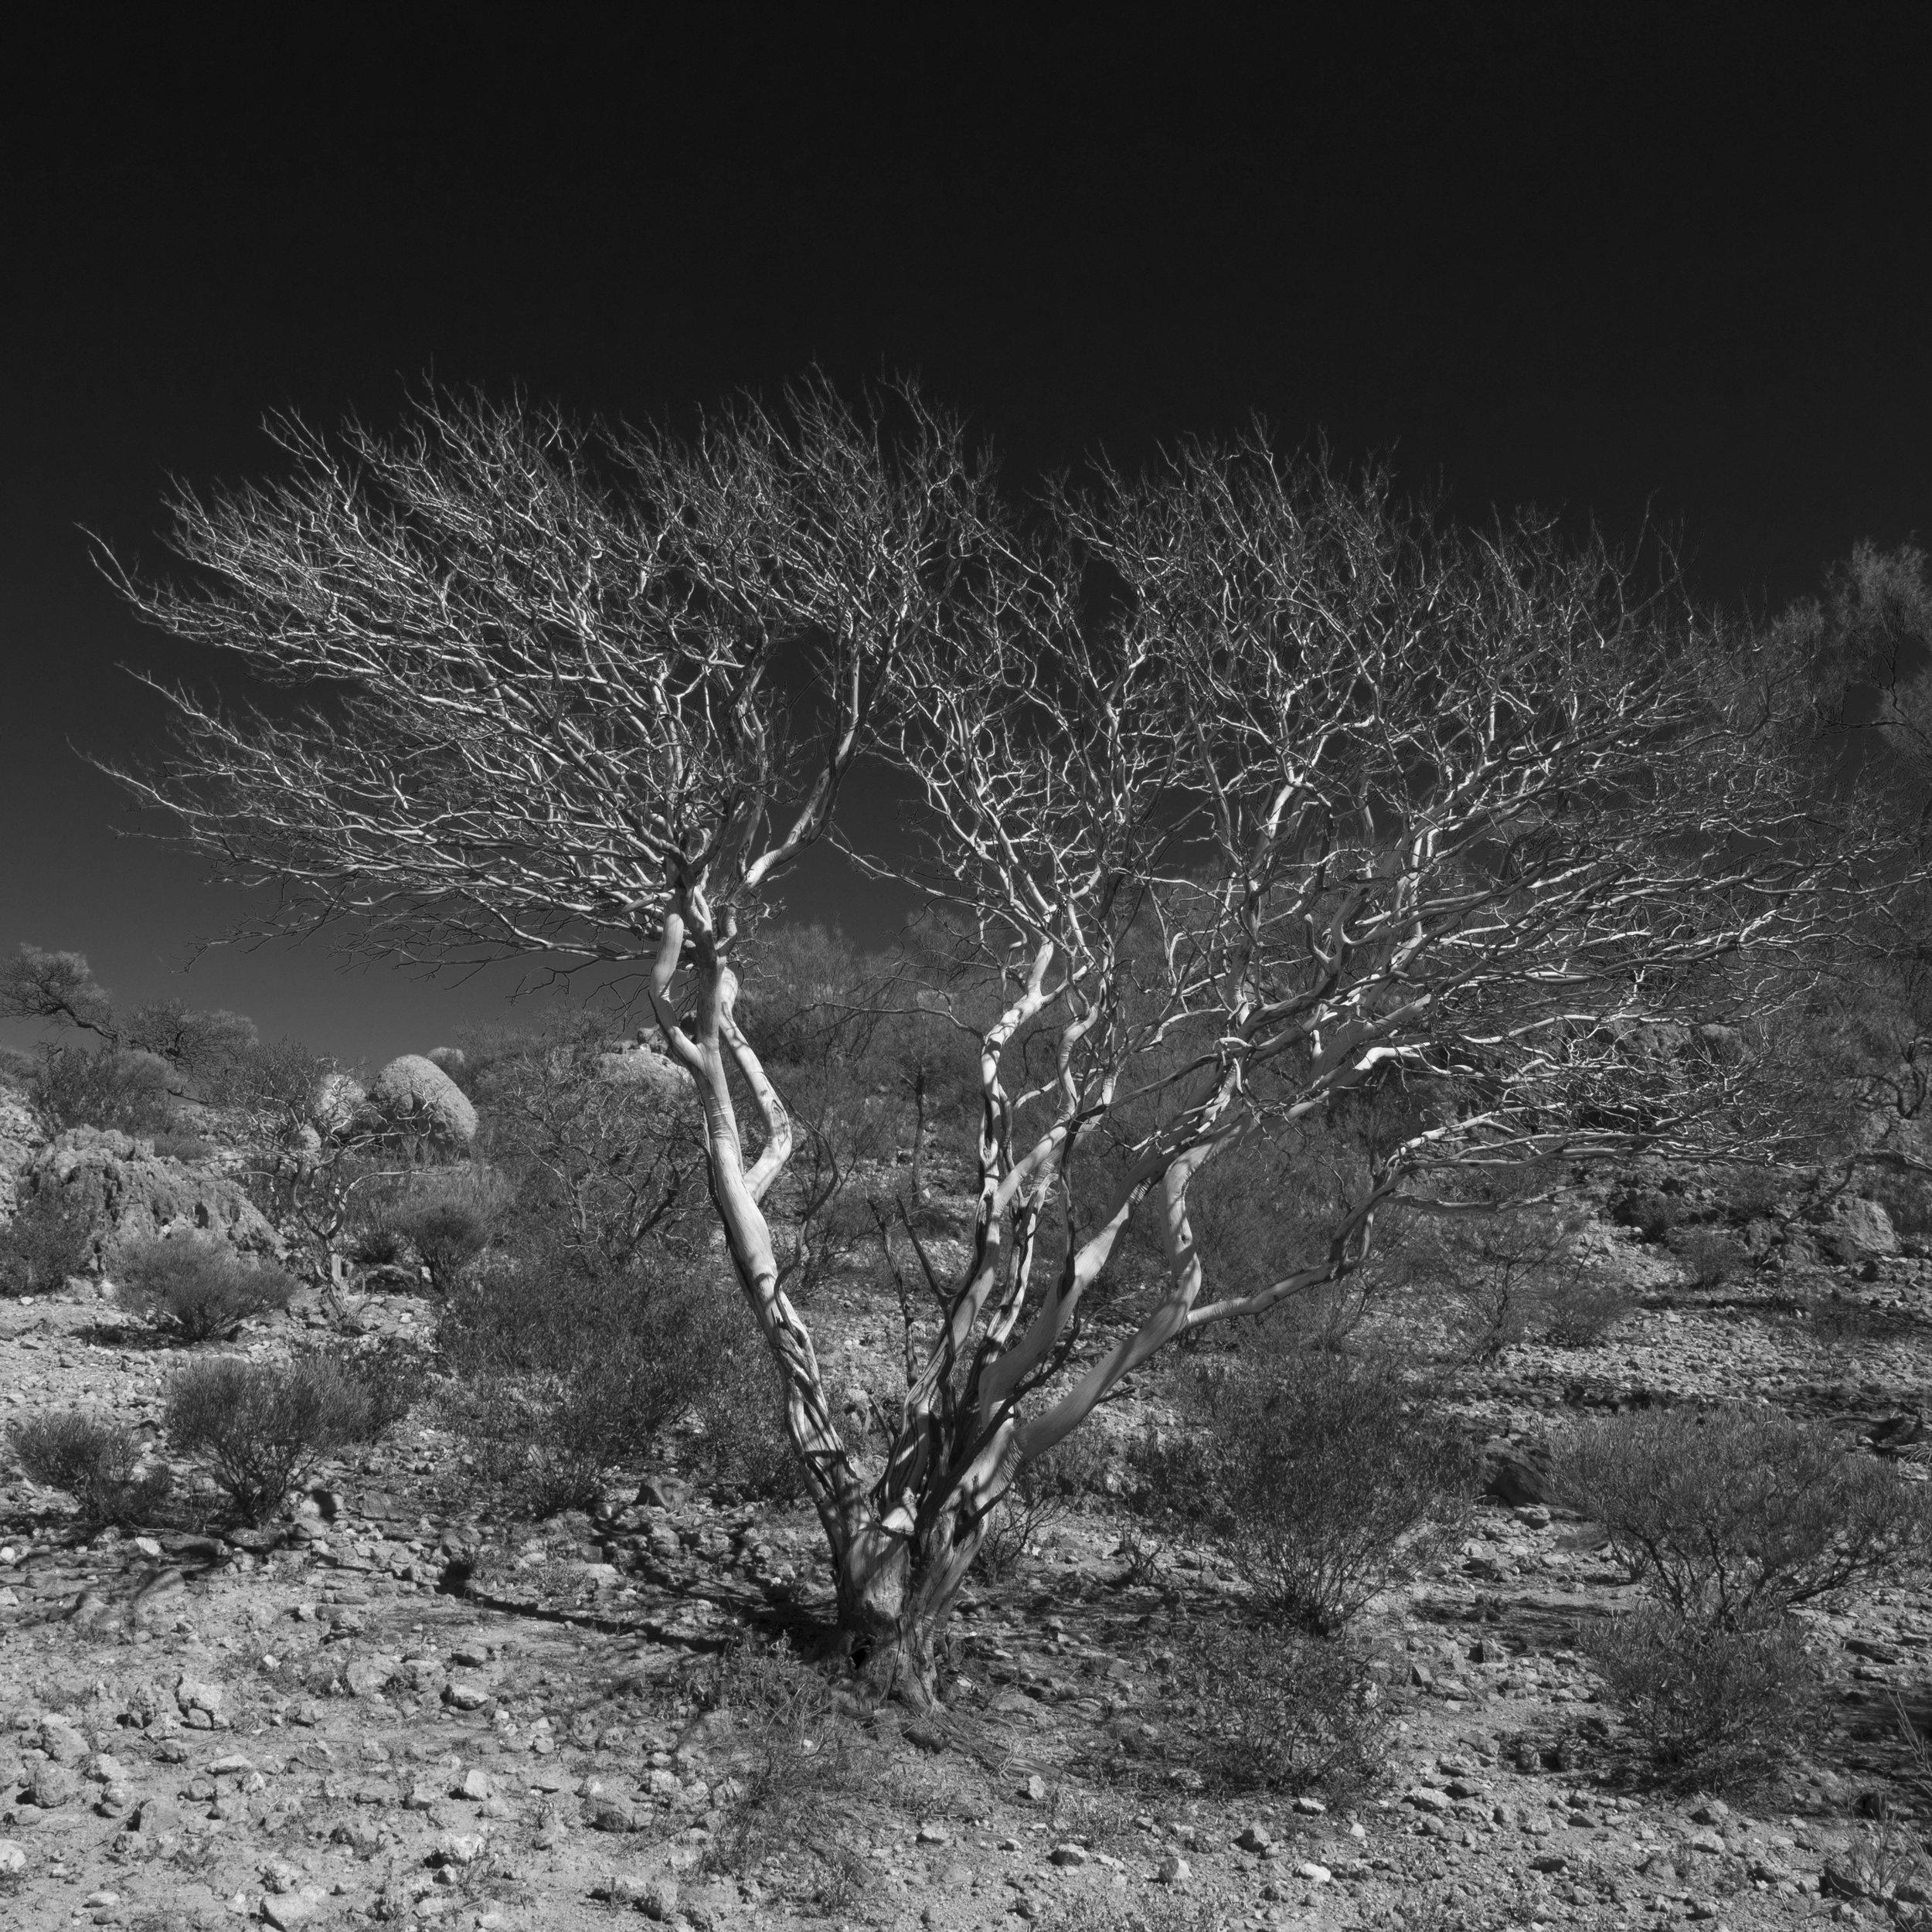 Leonie Mac Lean-Acacia grasbyii B&W-2017-Photography-50x50cm.jpg